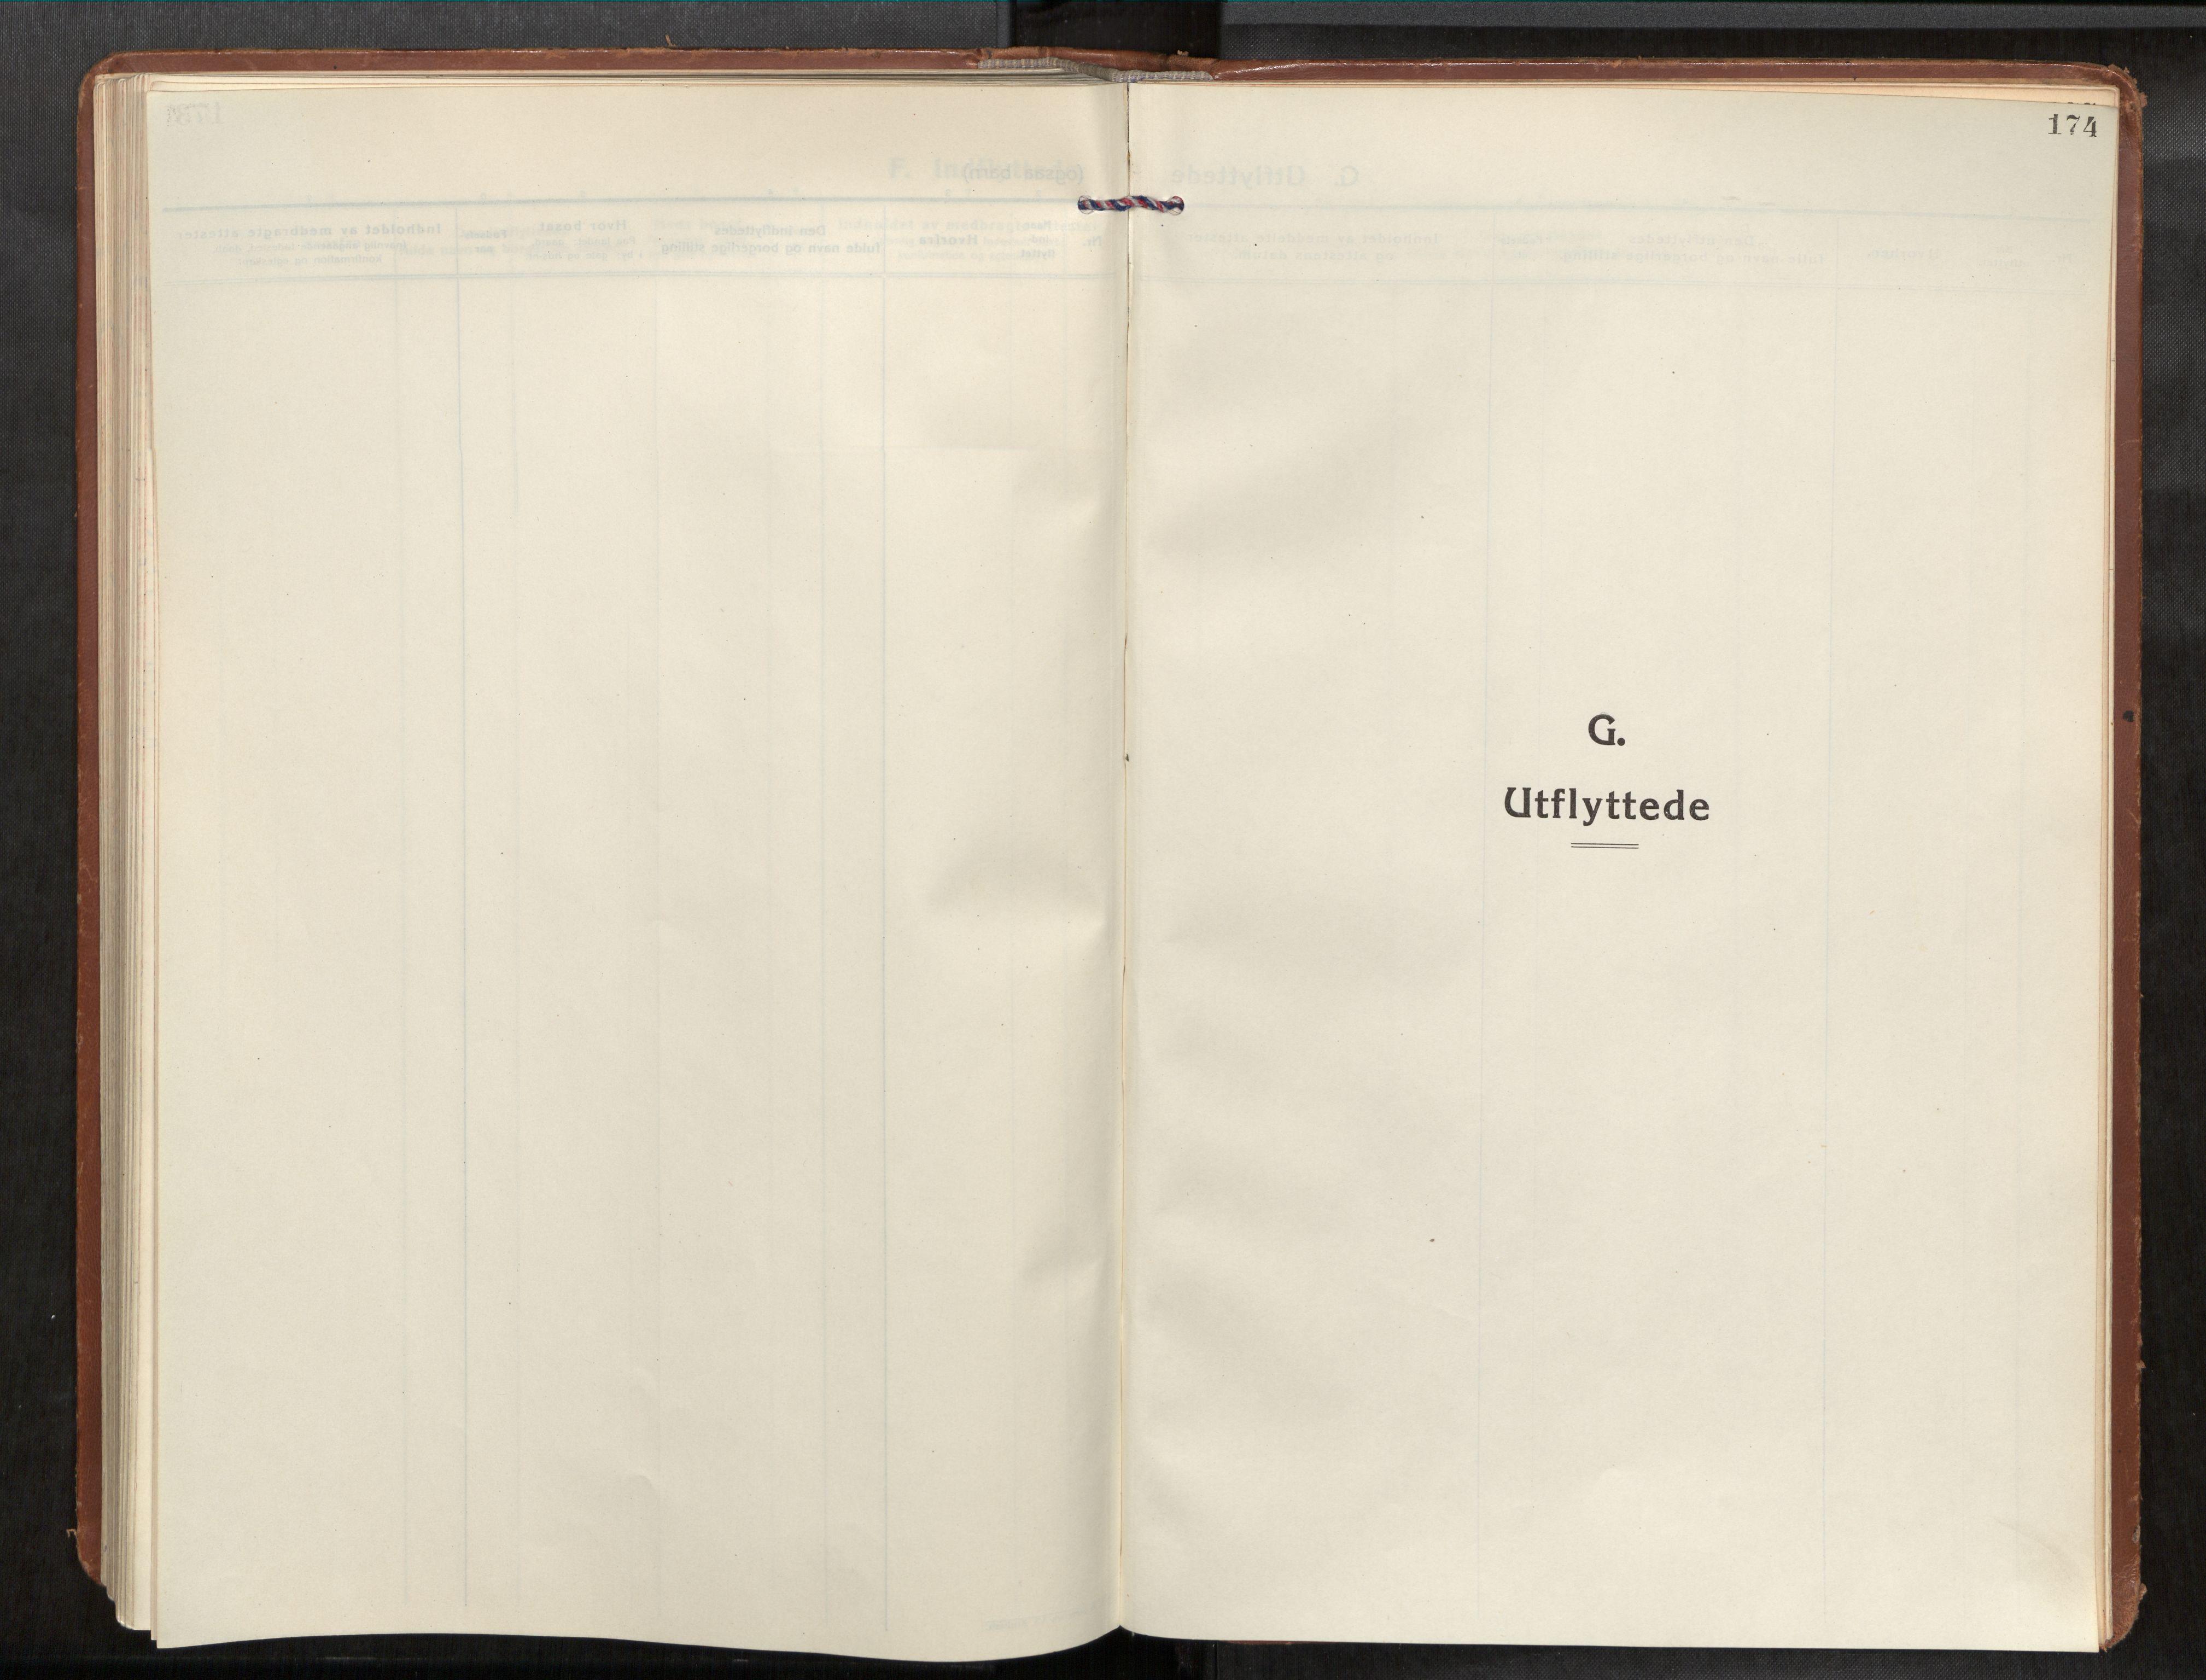 SAT, Frosta sokneprestkontor, H/Haa/L0001: Parish register (official) no. 1, 1926-1934, p. 174